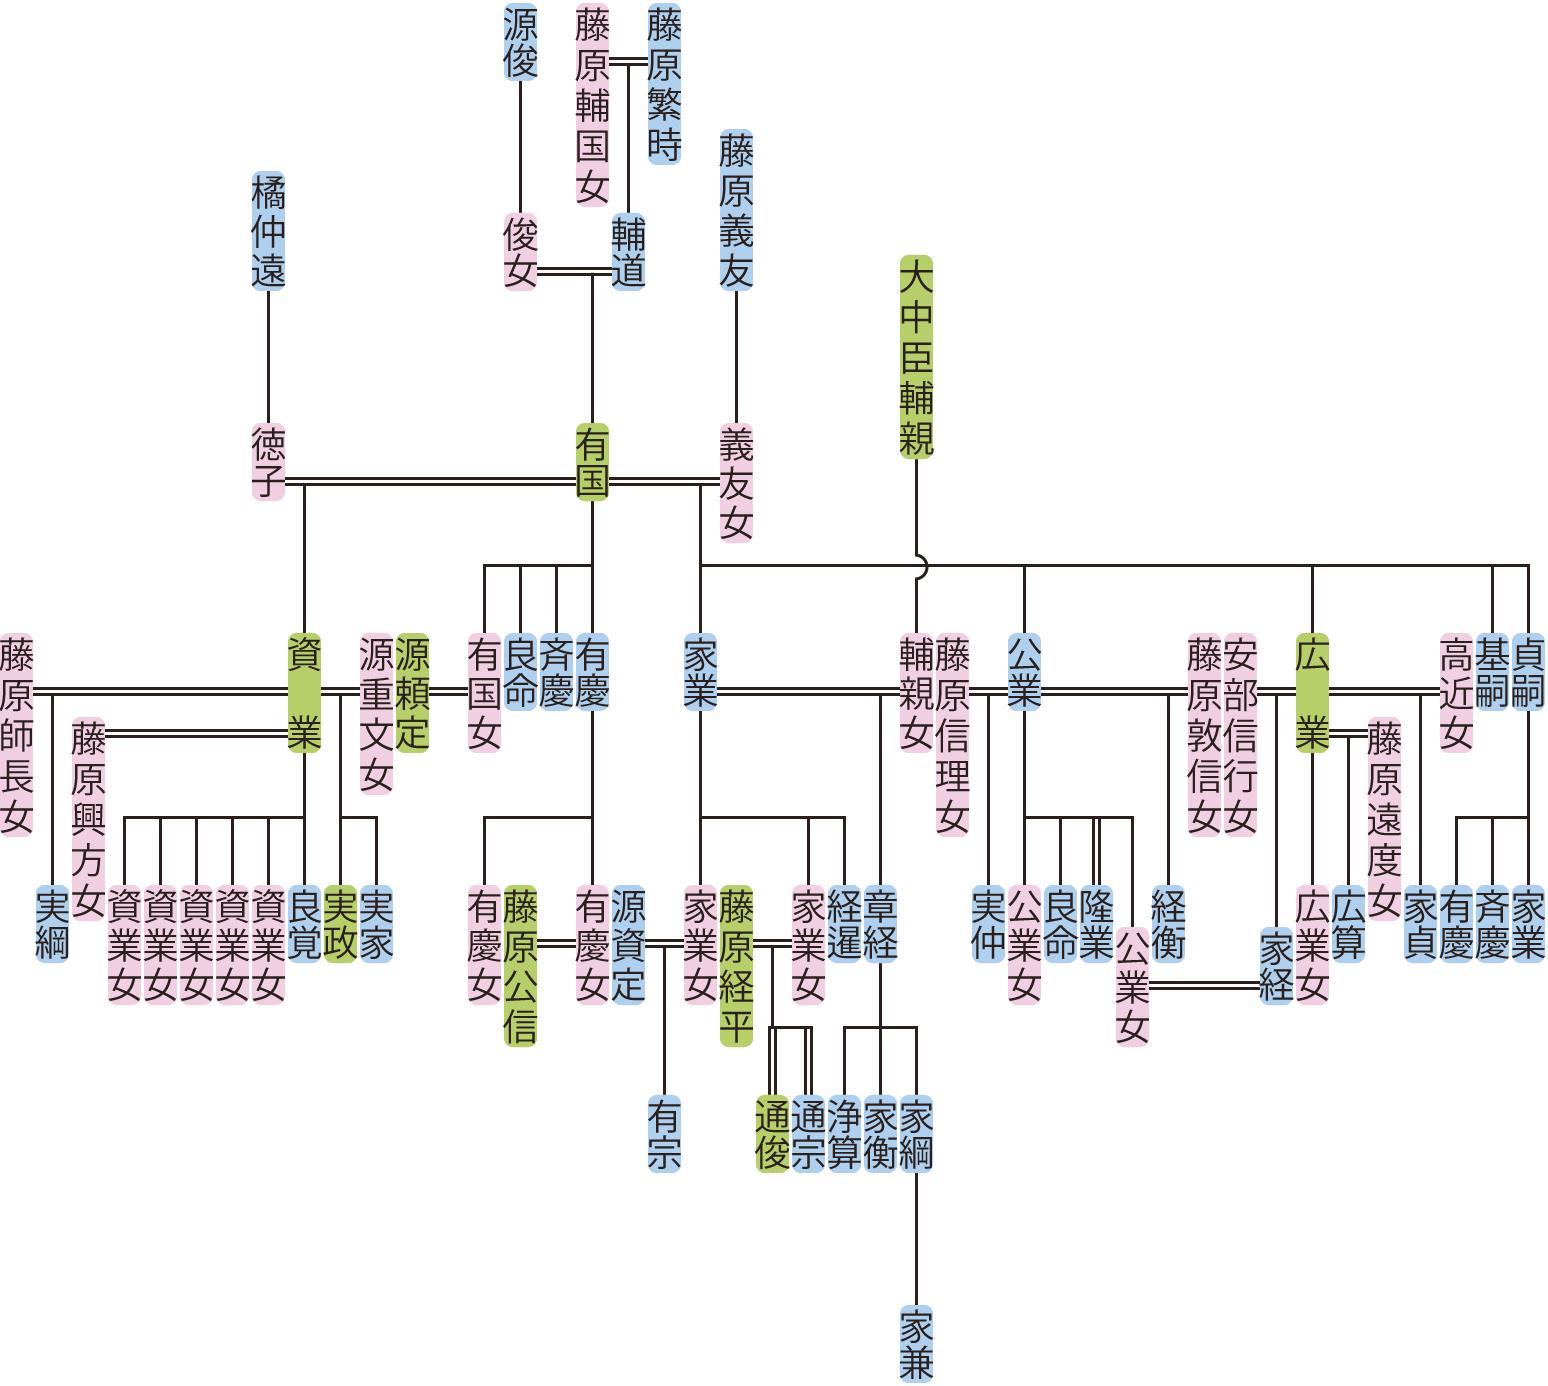 藤原有国の系図